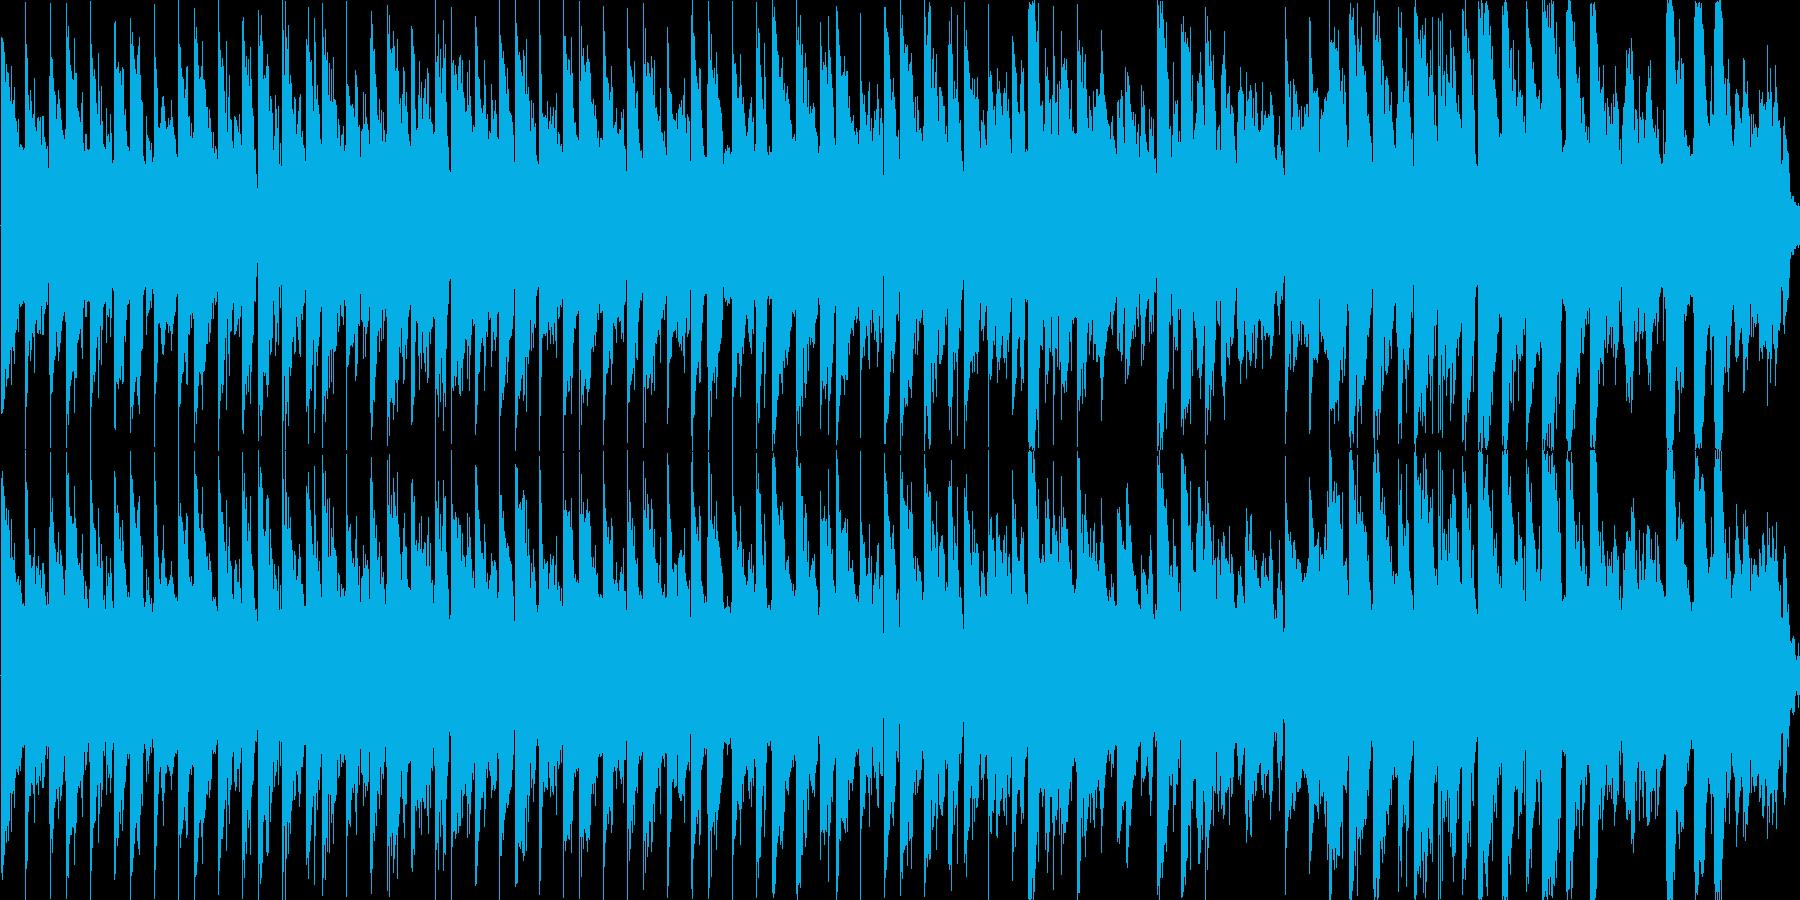 洞窟の中の探検やミステリー系のBGMの再生済みの波形